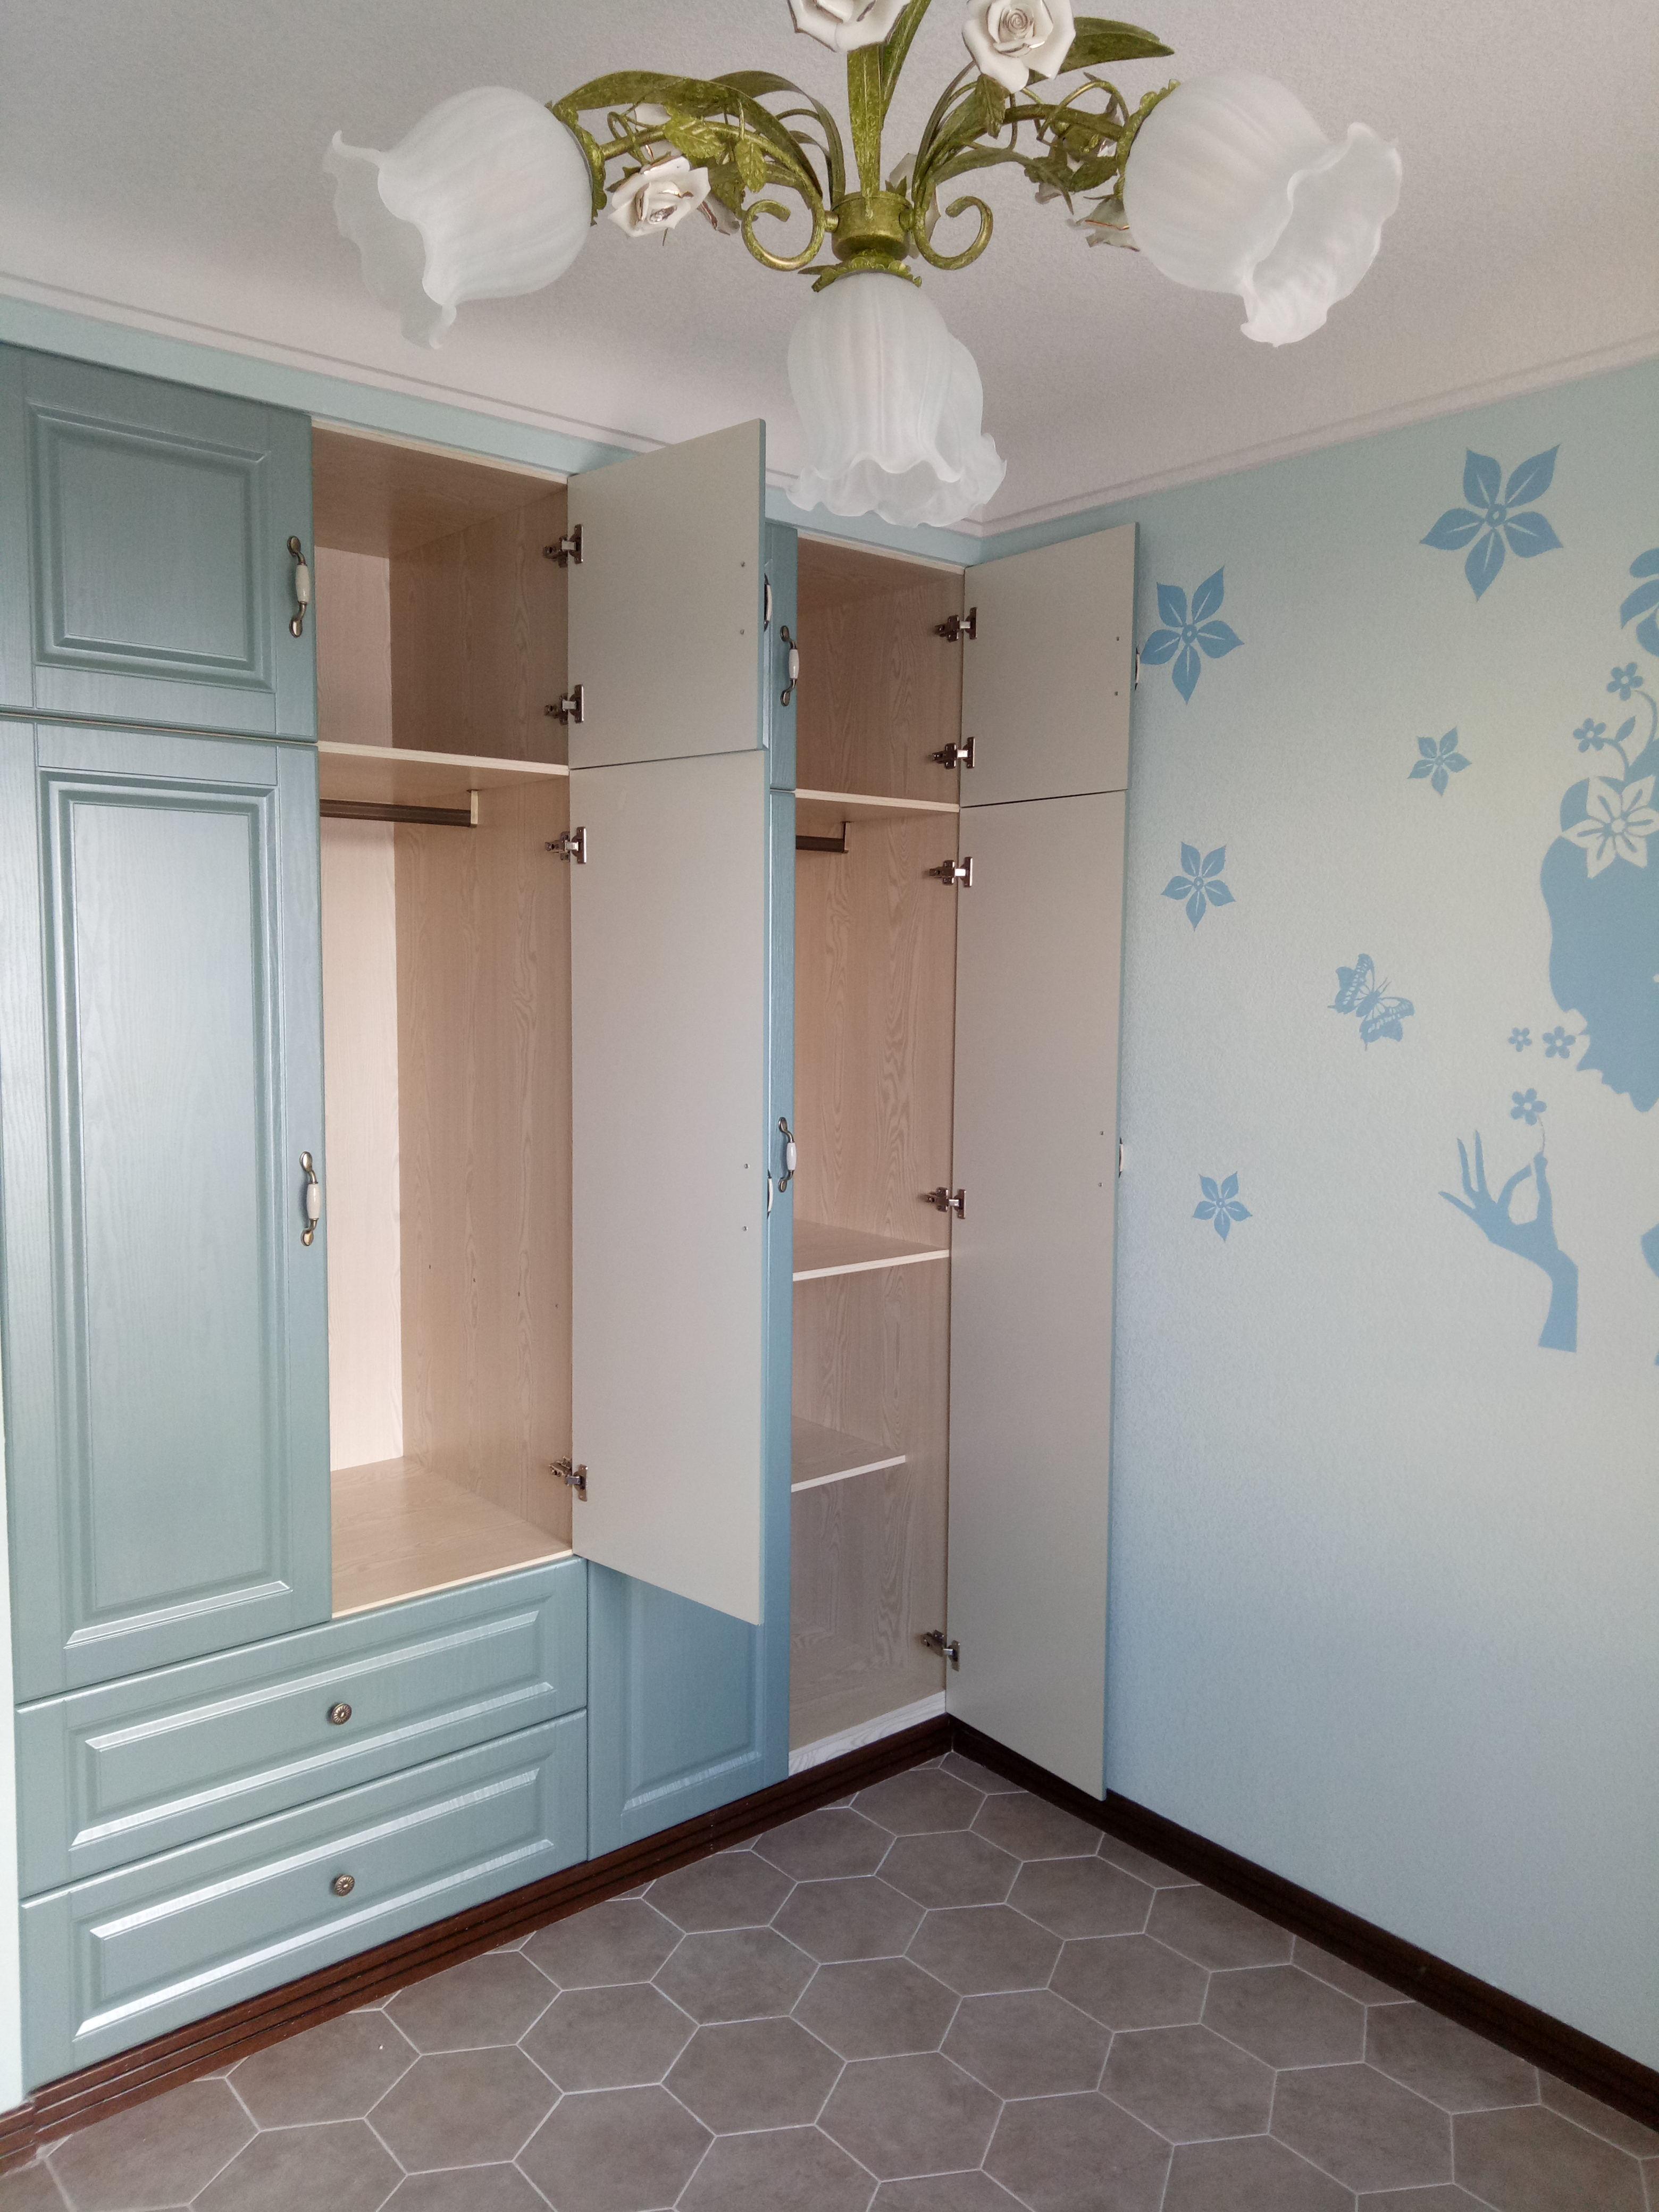 佛山家庭装修,办公室装修改装、隔断、墙面翻新.